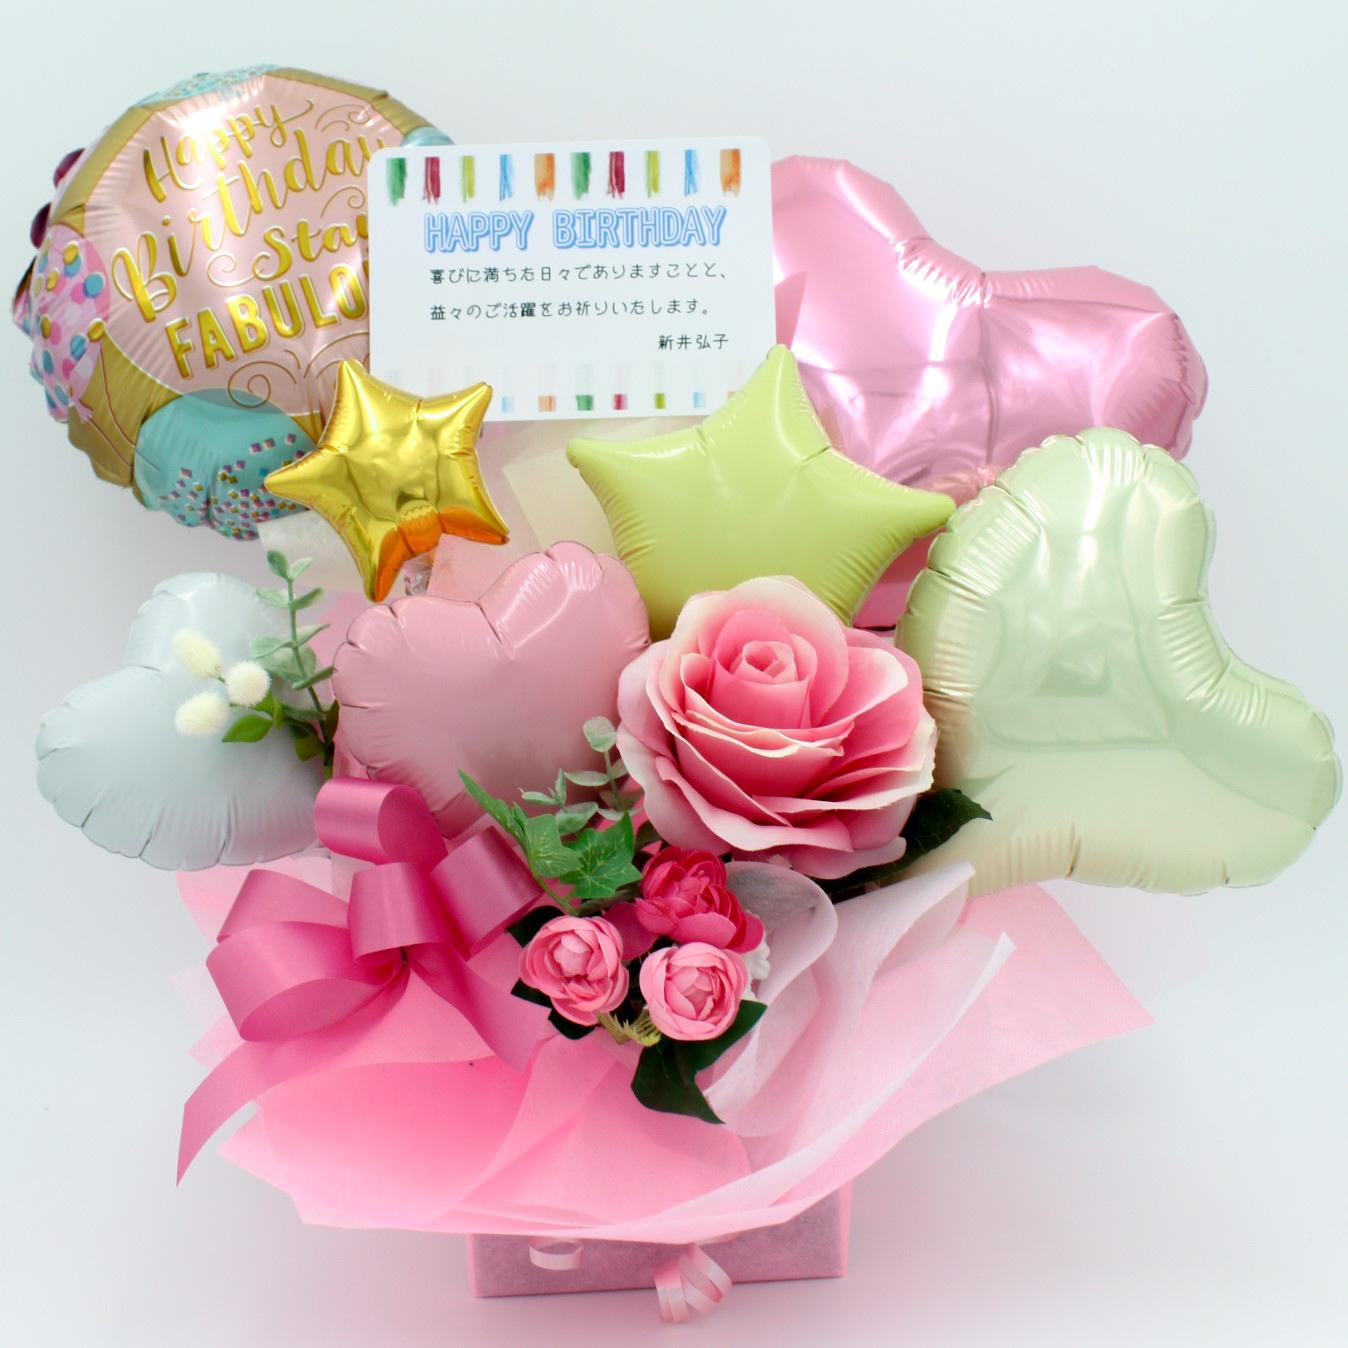 誕生日プレゼント、可愛いお姉さん向きバルーンアレンジ「誕生日バルーンギフト」 bd0075